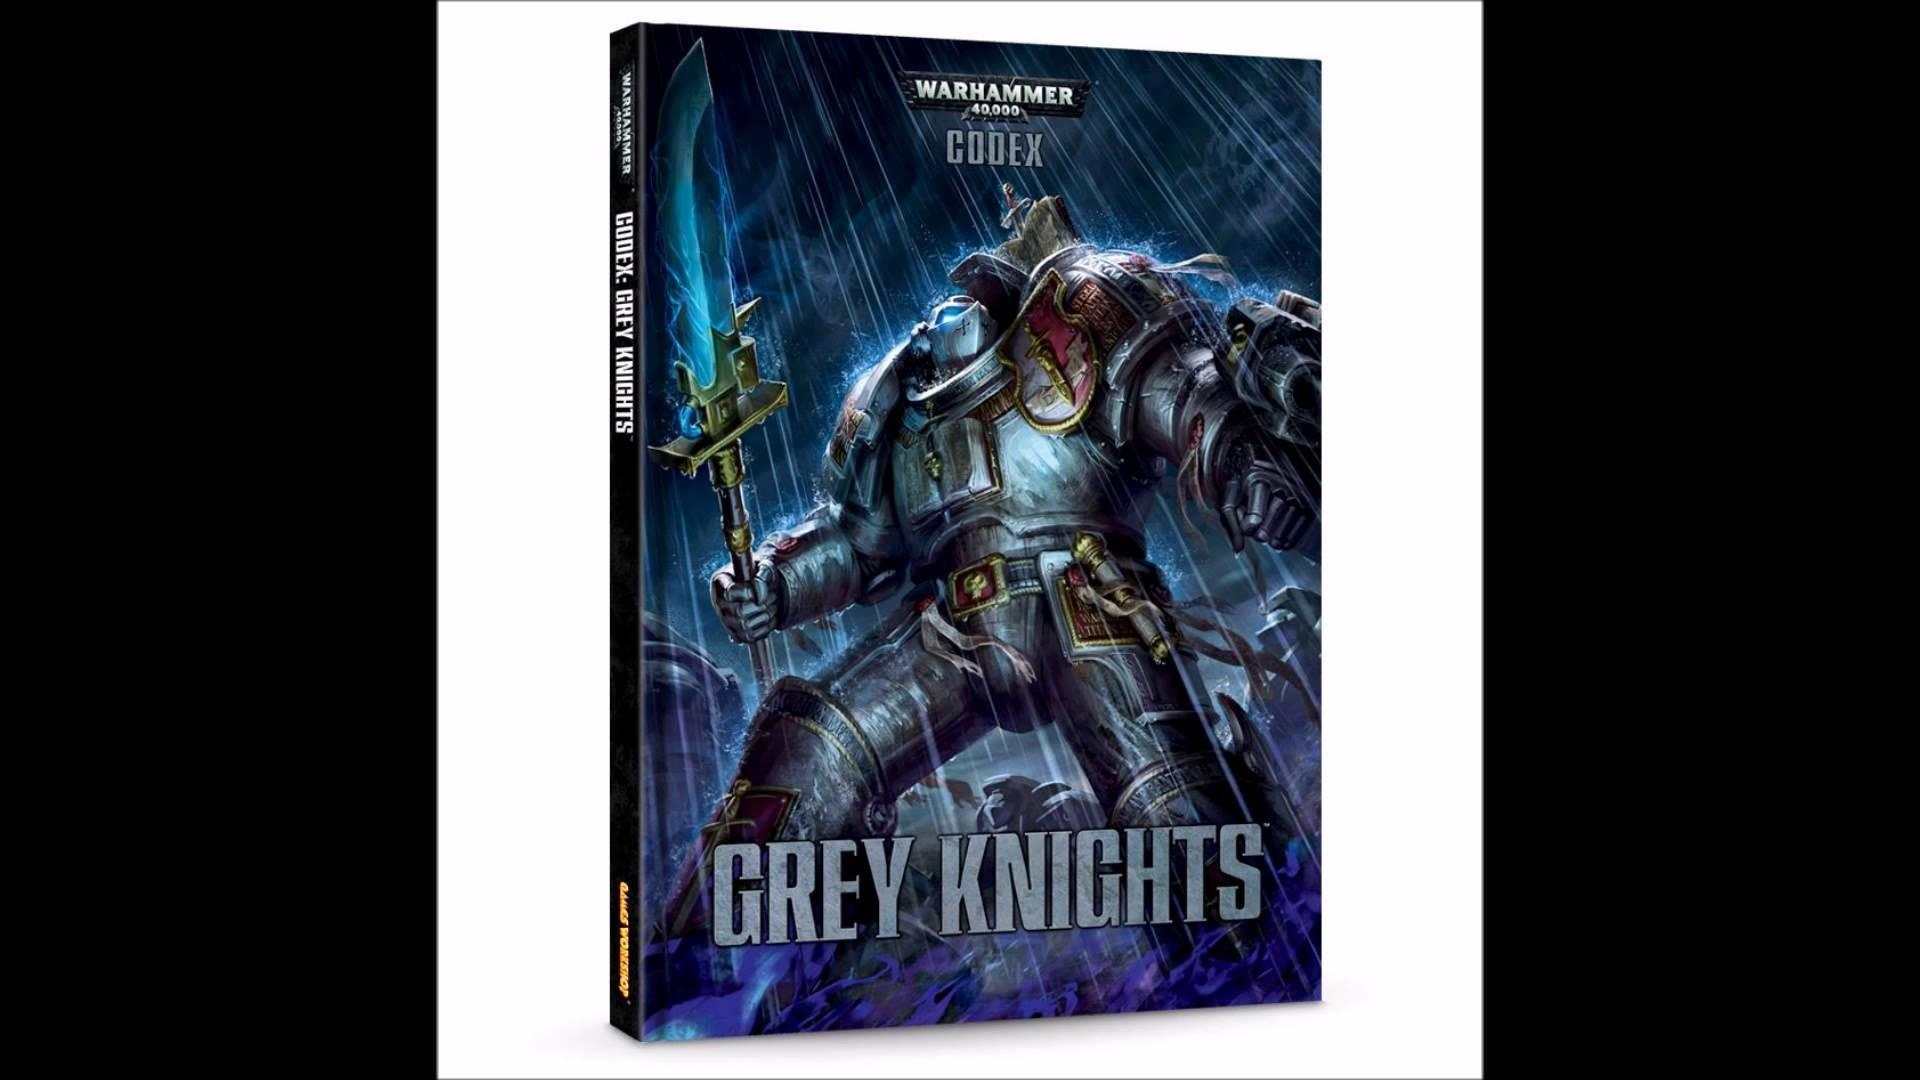 Warhammer 40k: Grey Knights Codex Review 7th Edition